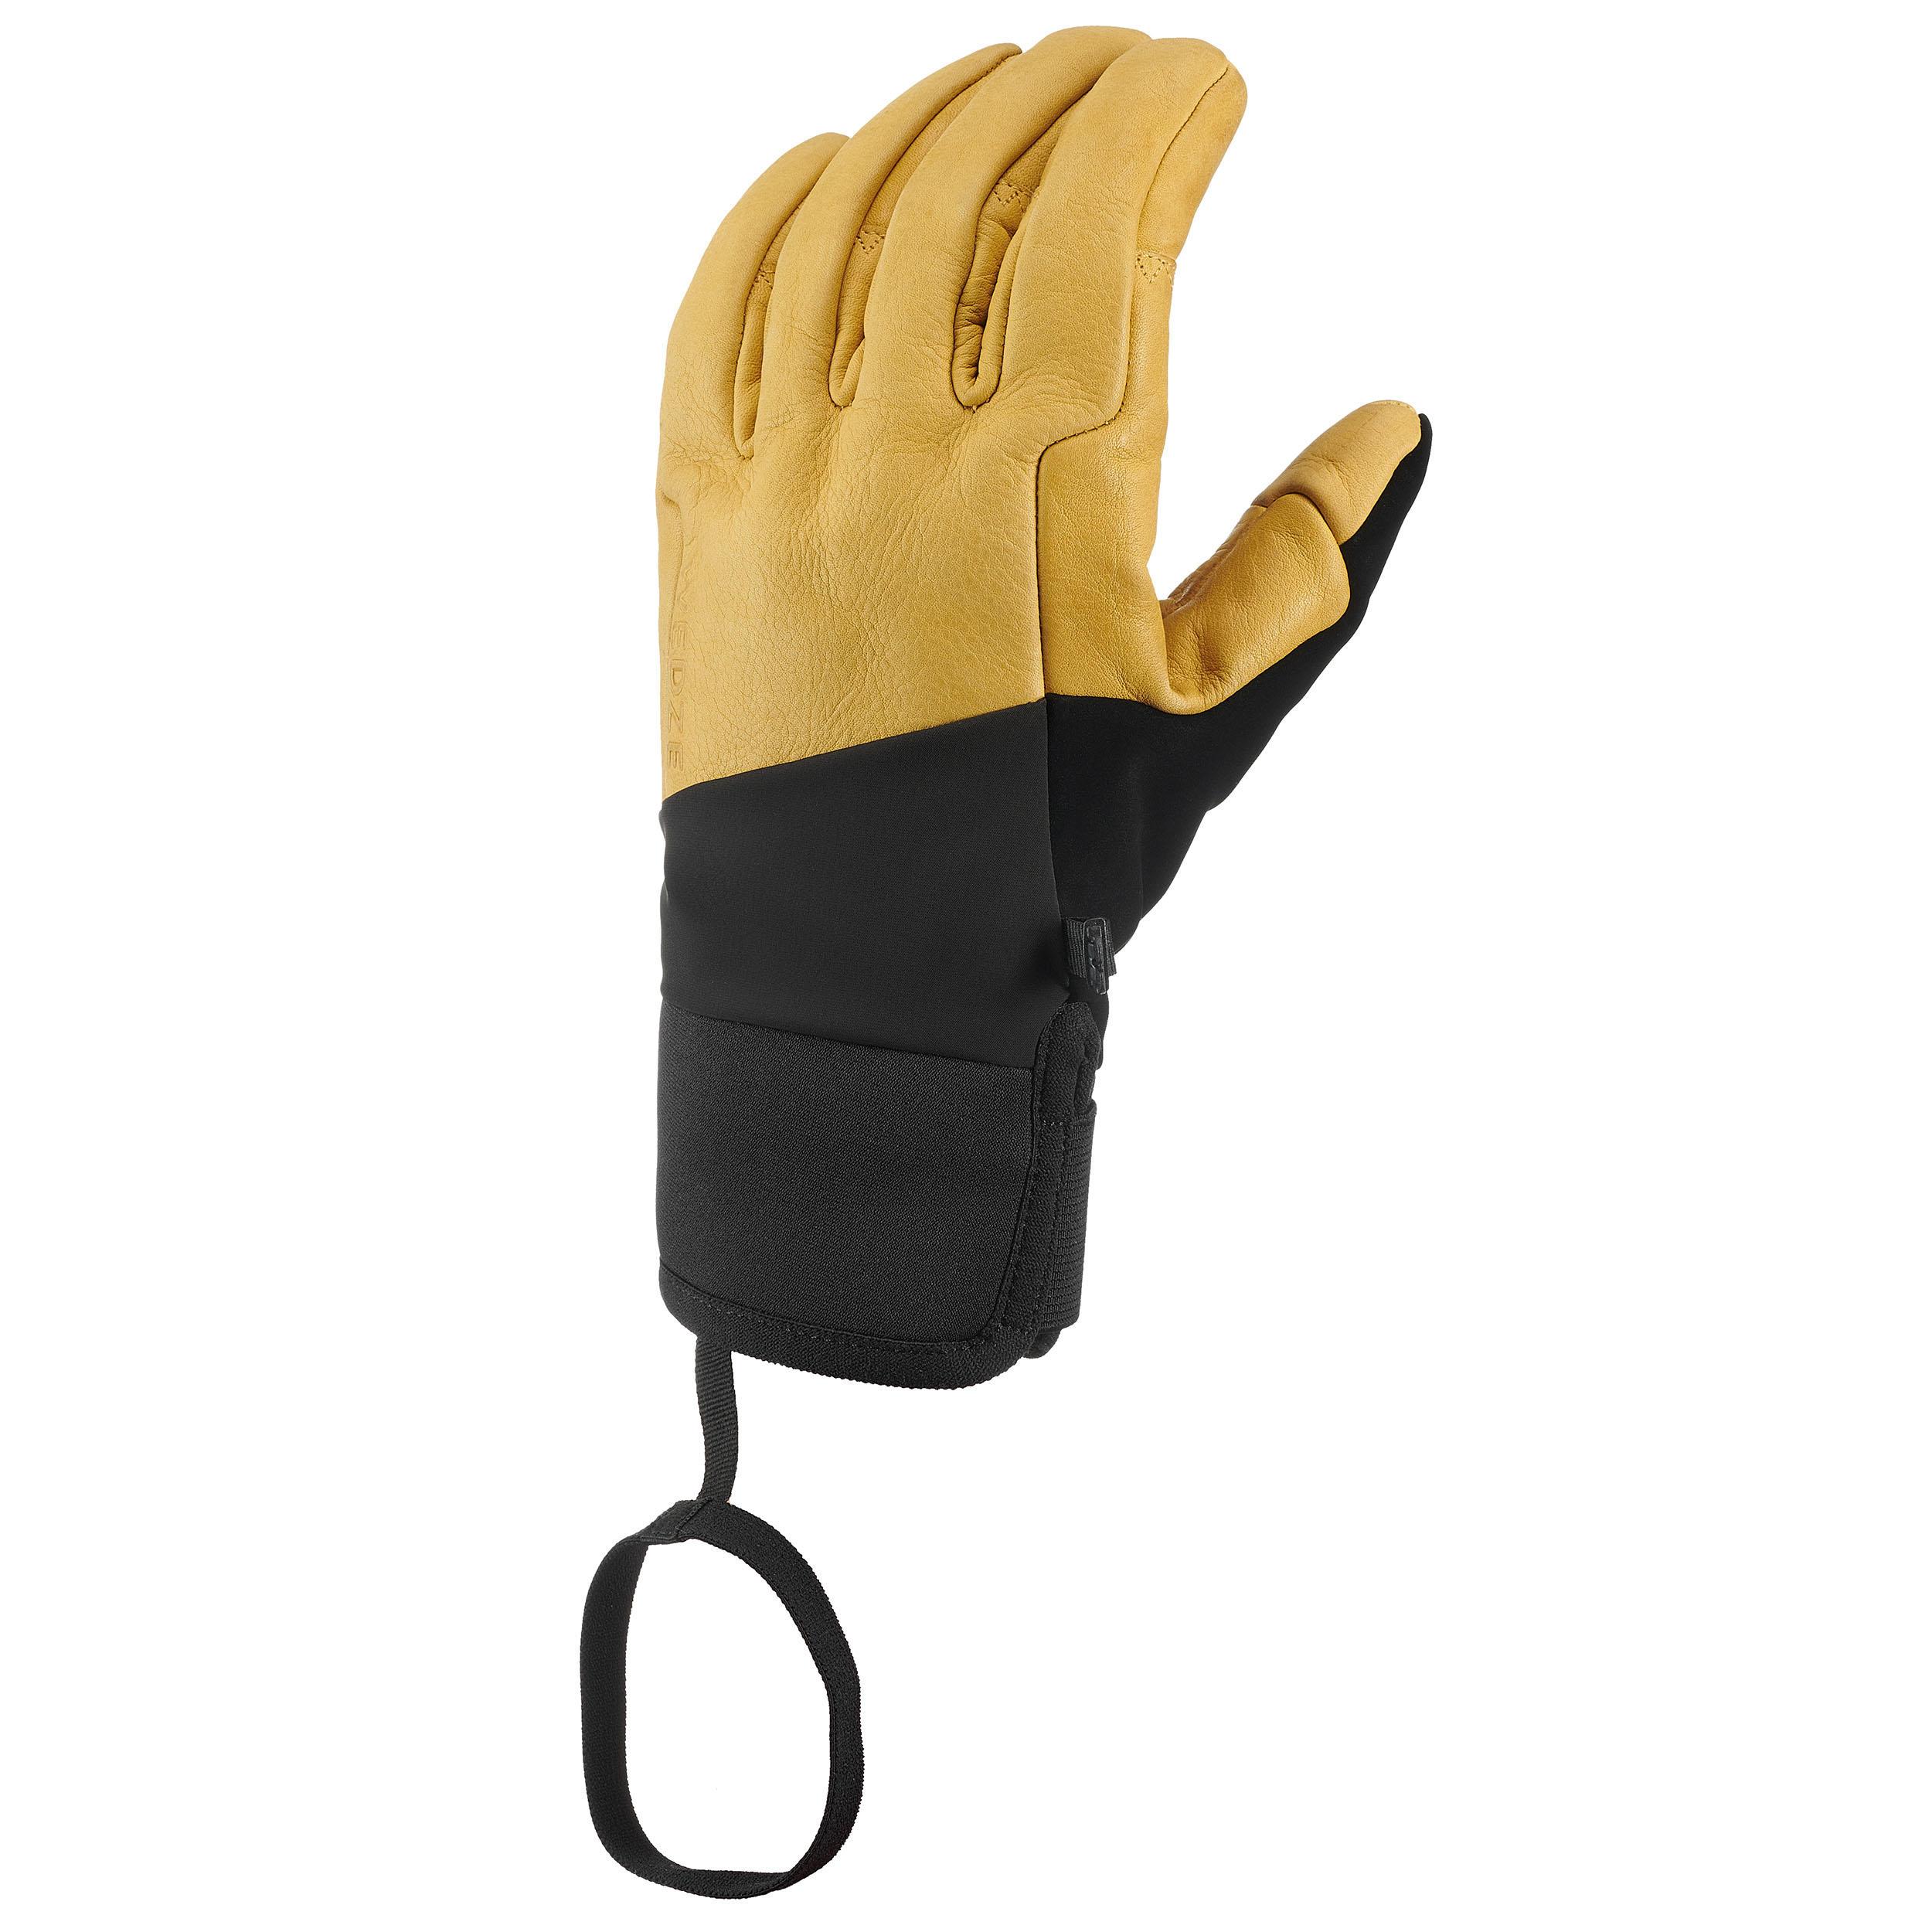 Mănuși piele schi imagine produs